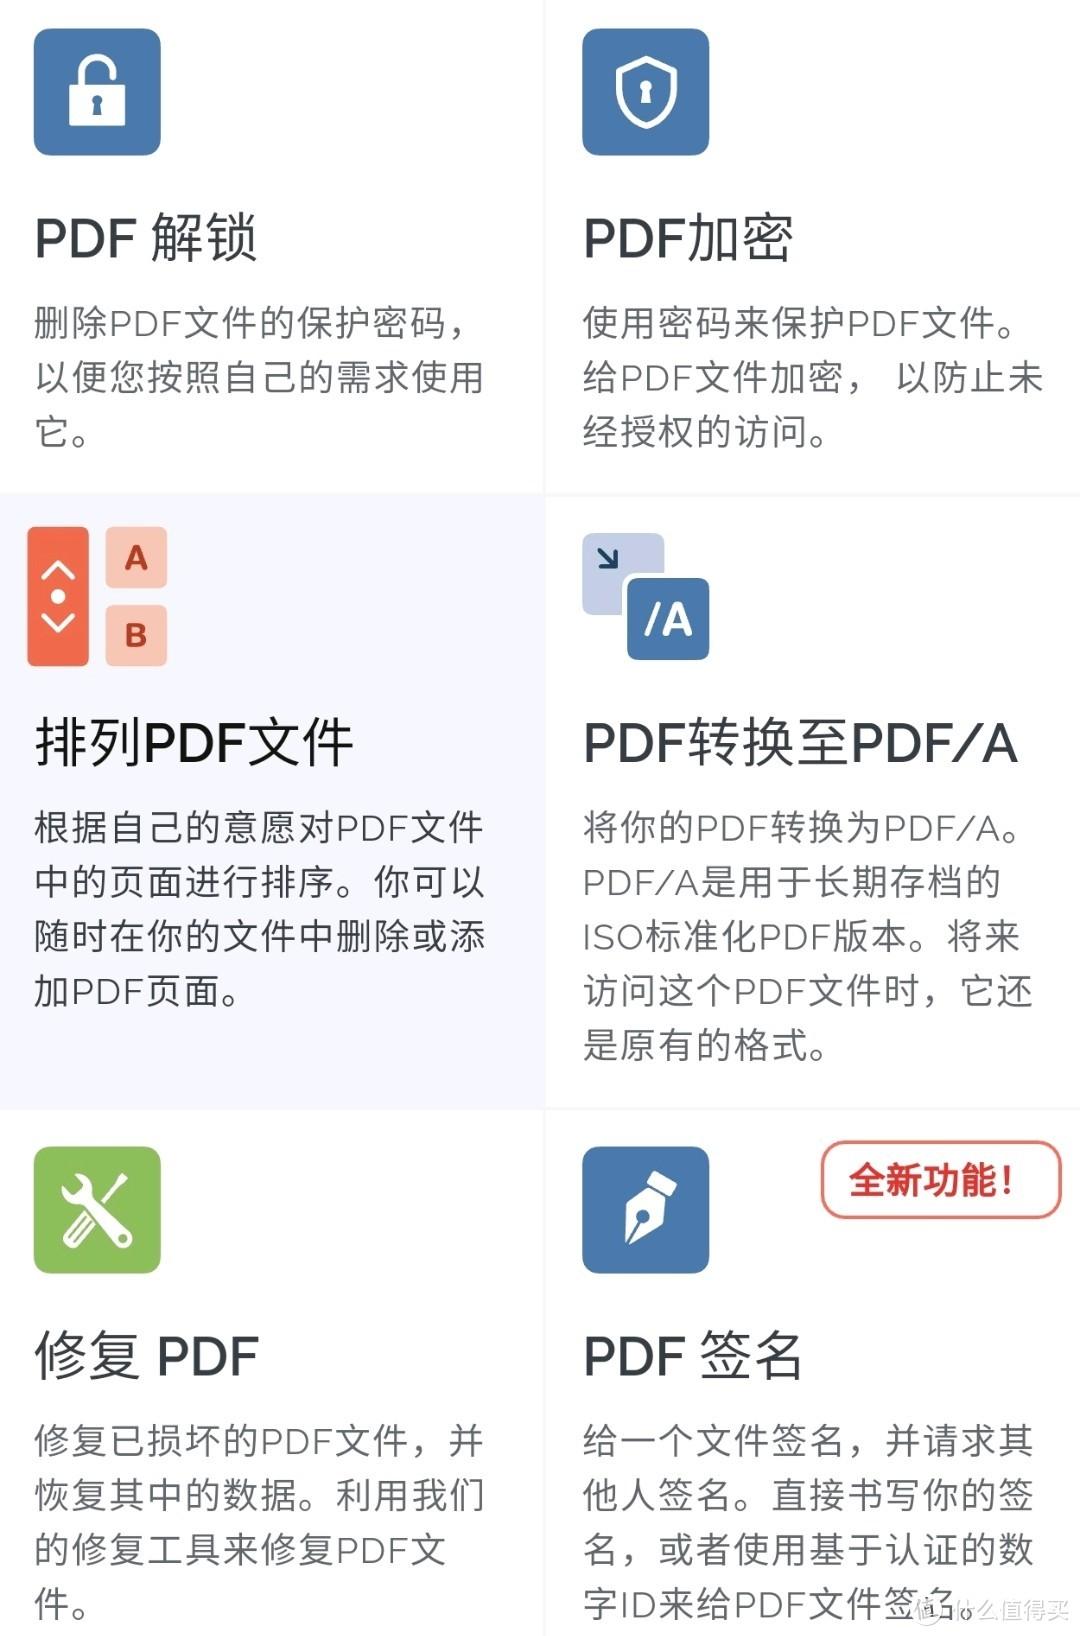 Pdf解锁和加密非常有用哟